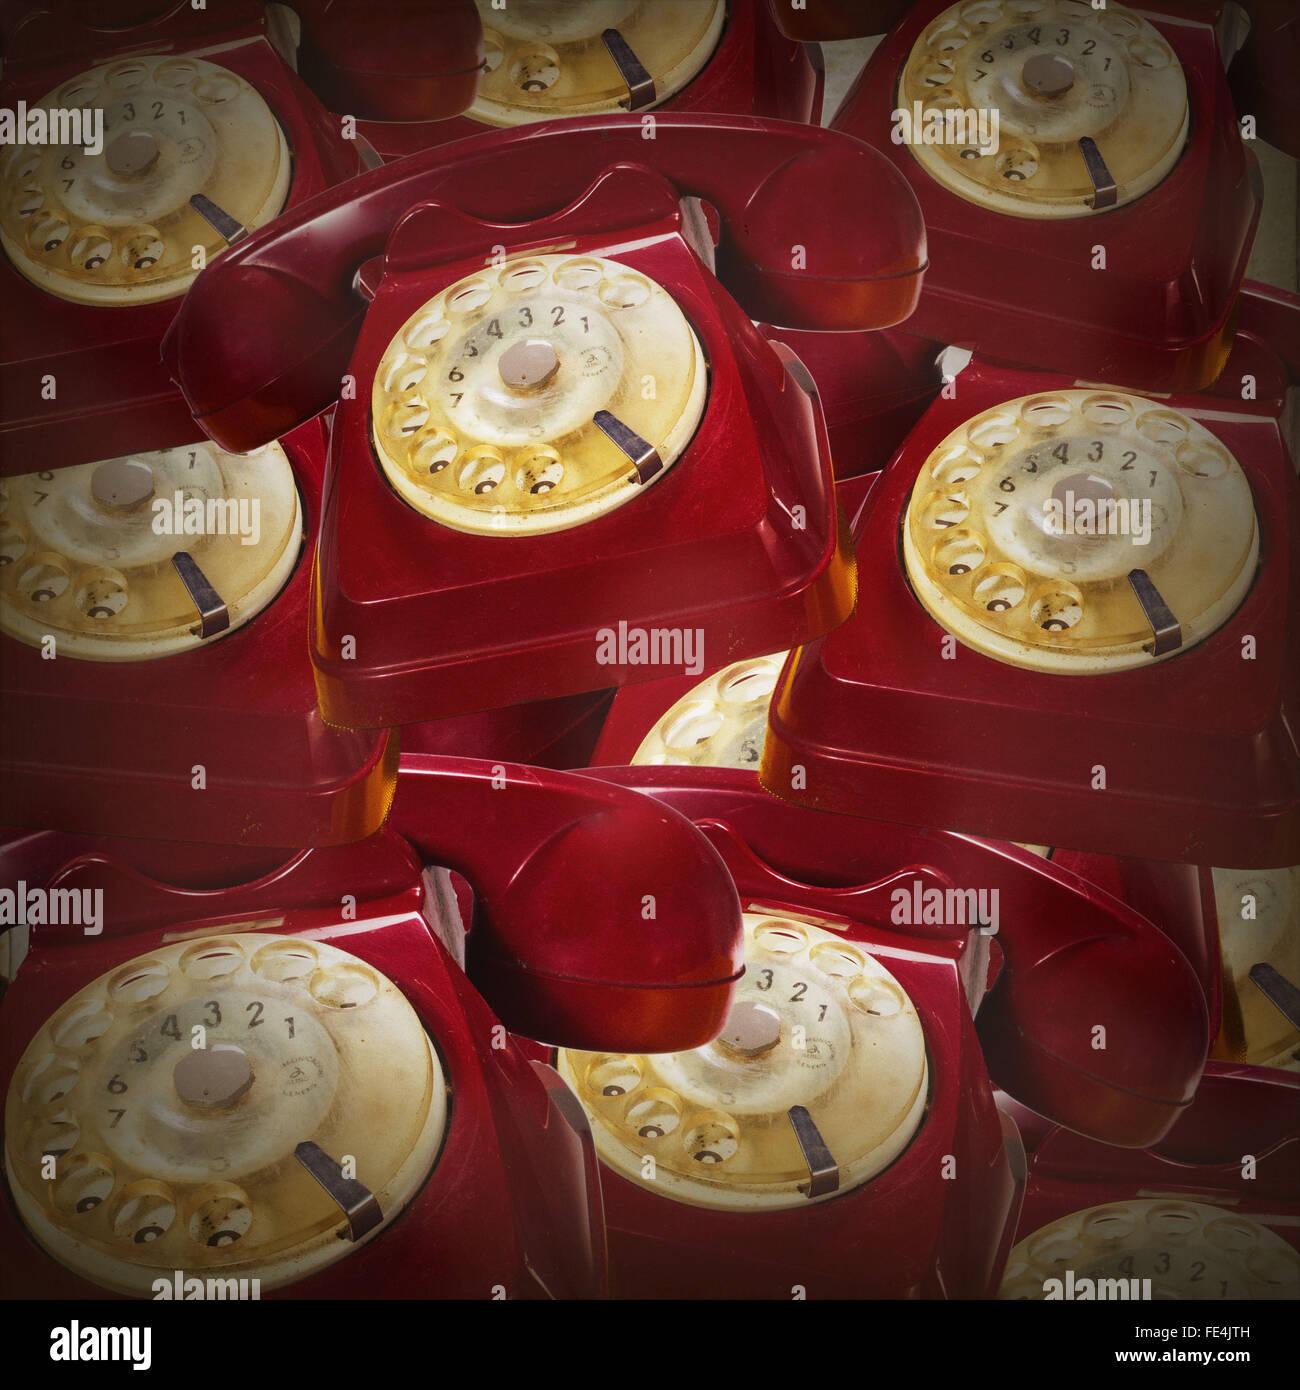 Disparo de fotograma completo de Rojo teléfonos giratorios Imagen De Stock